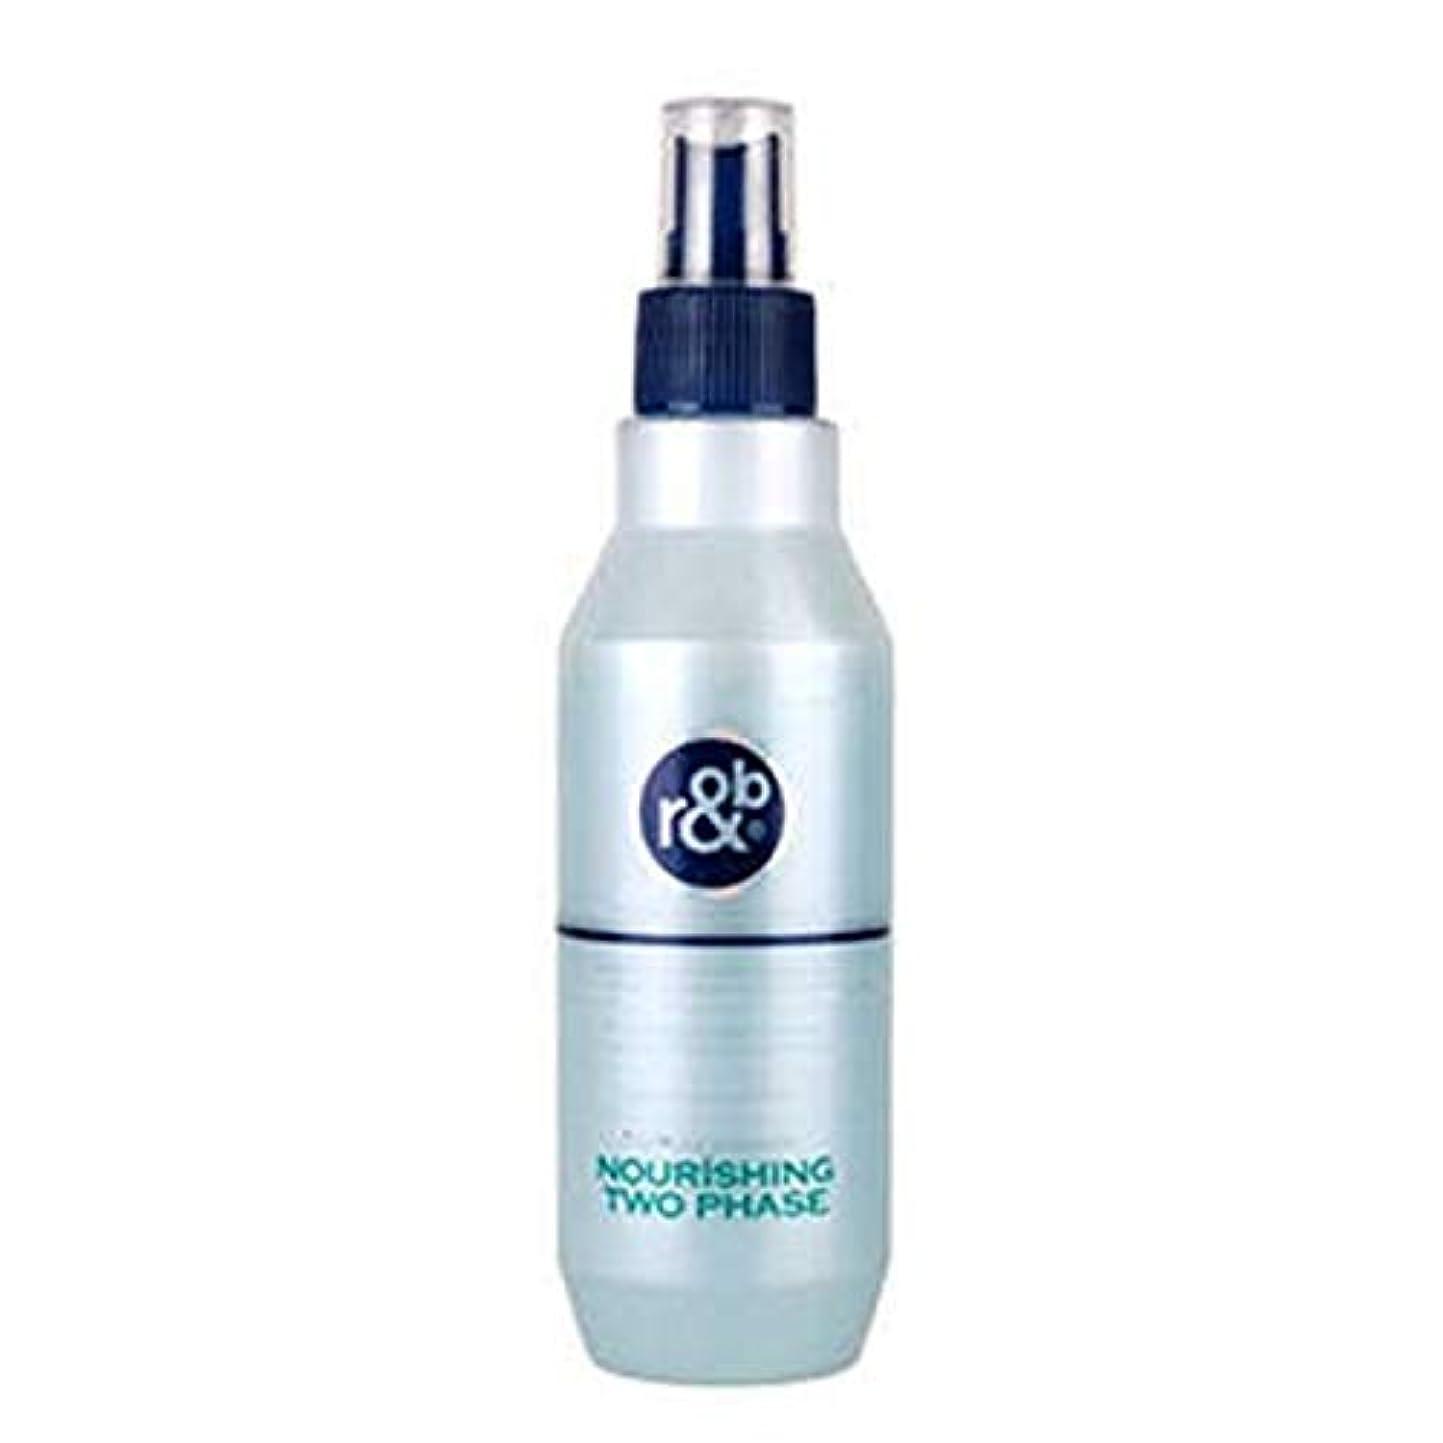 割合密度回るフィトン セラピー ナリッシング 2 段階 250ml - アウトバス ヘア コンディショナー ( Phyton Therapy Nourishing Two Phase 250ml - leave in Hair Conditioner...